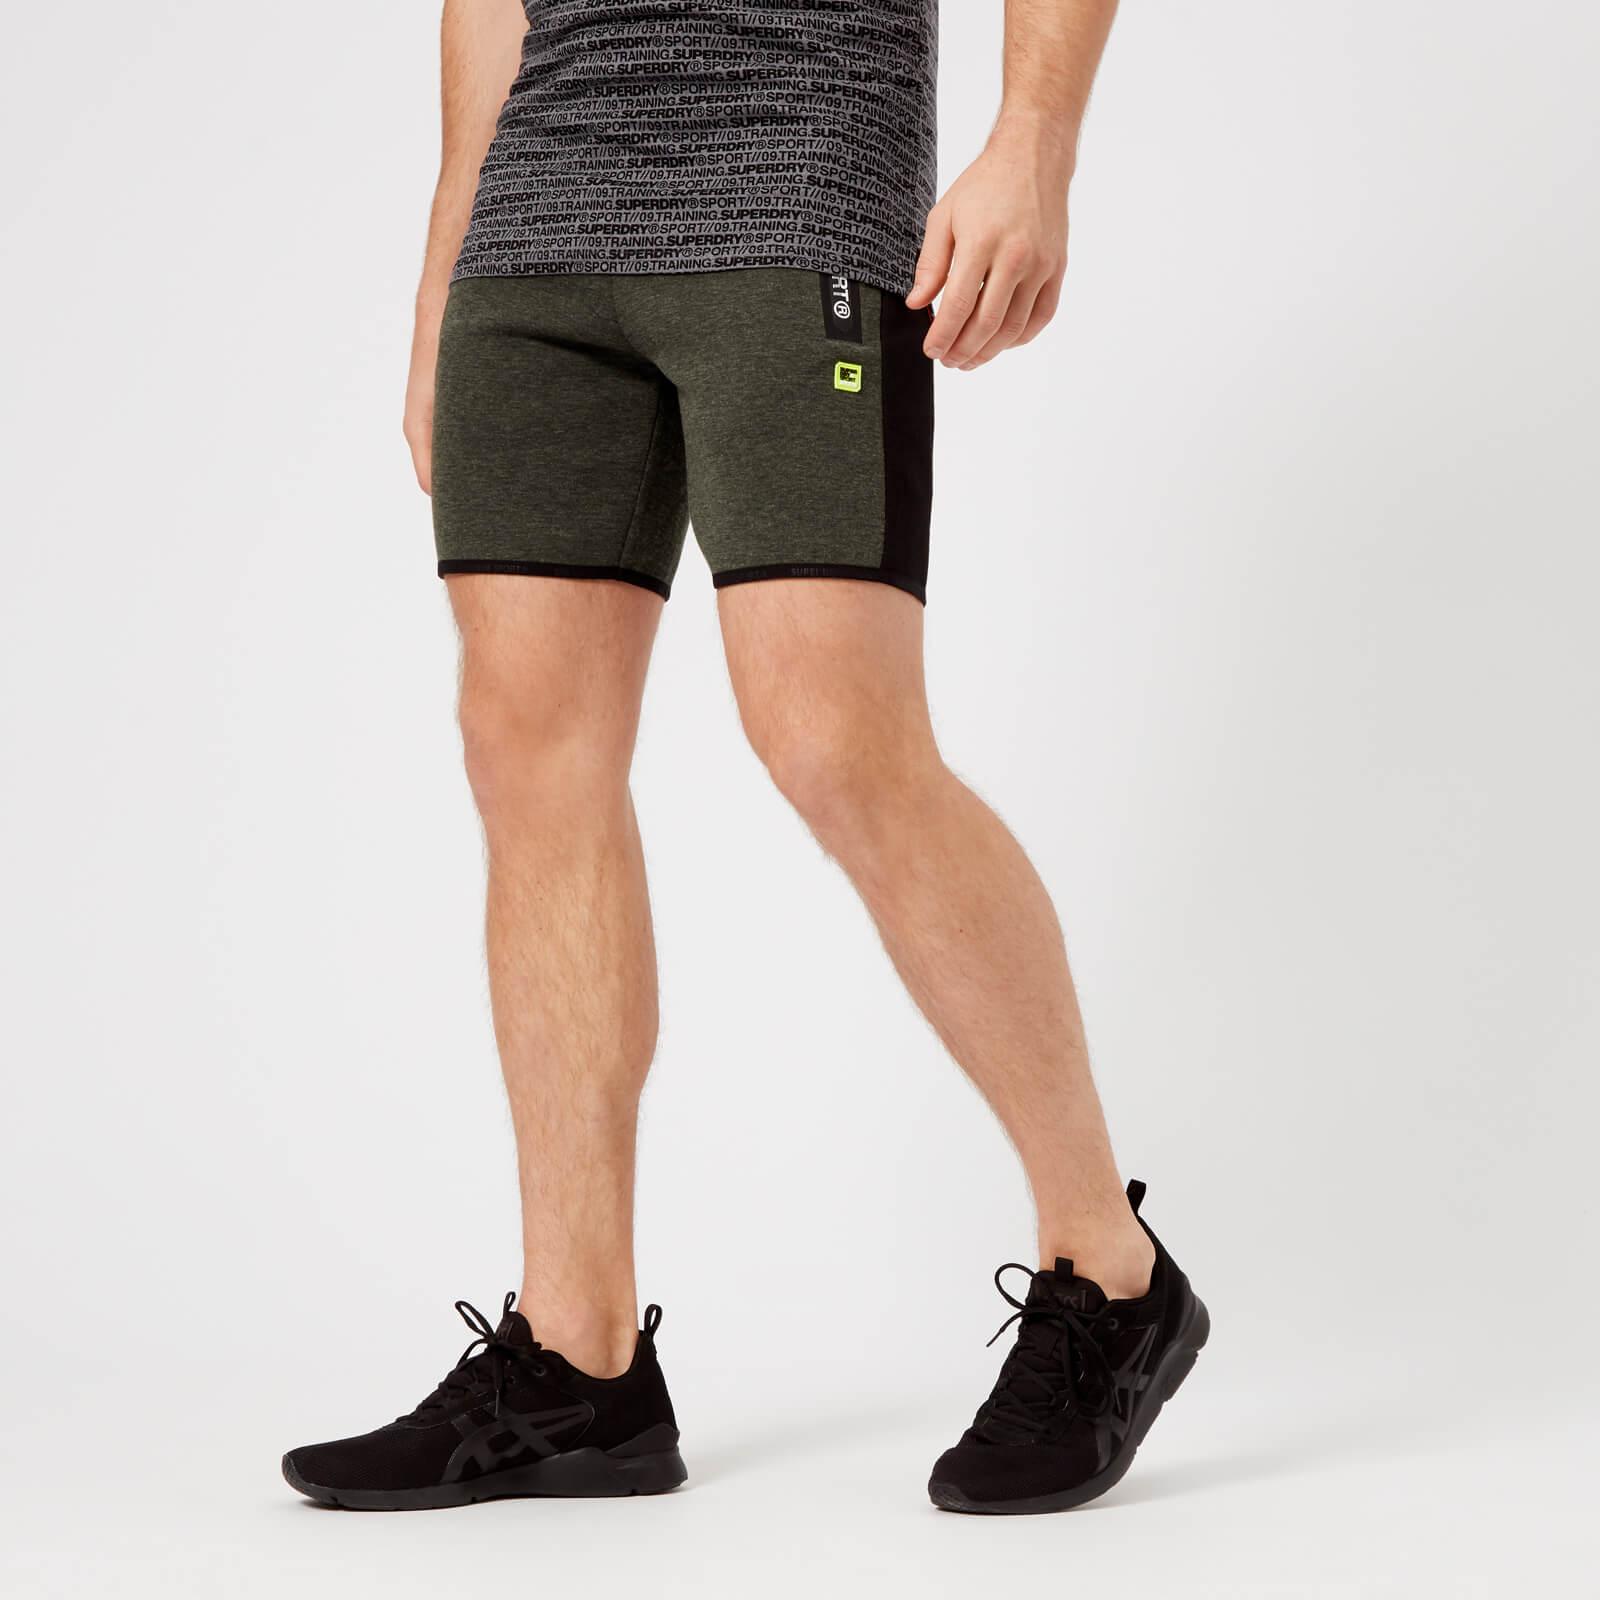 Superdry Sport Men's Stripe Slim Shorts - Dessert Olive Marl - L - Green